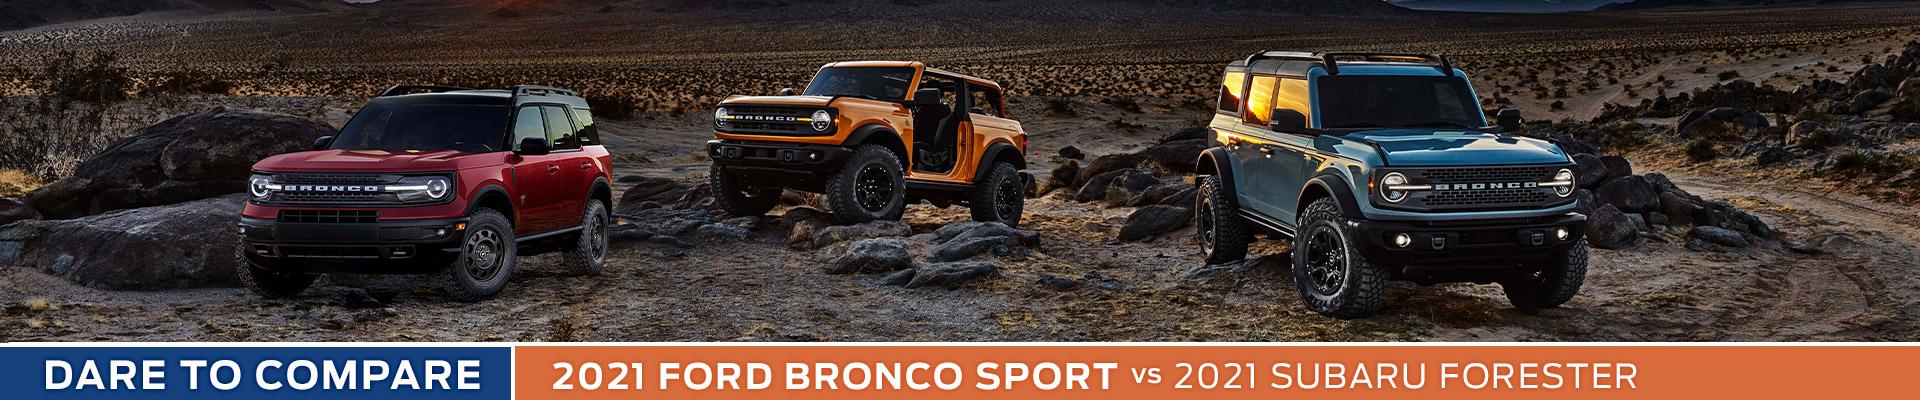 2021 Ford Bronco Sport vs. 2021 Subaru Forester - Sun State Ford - Orlando, FL